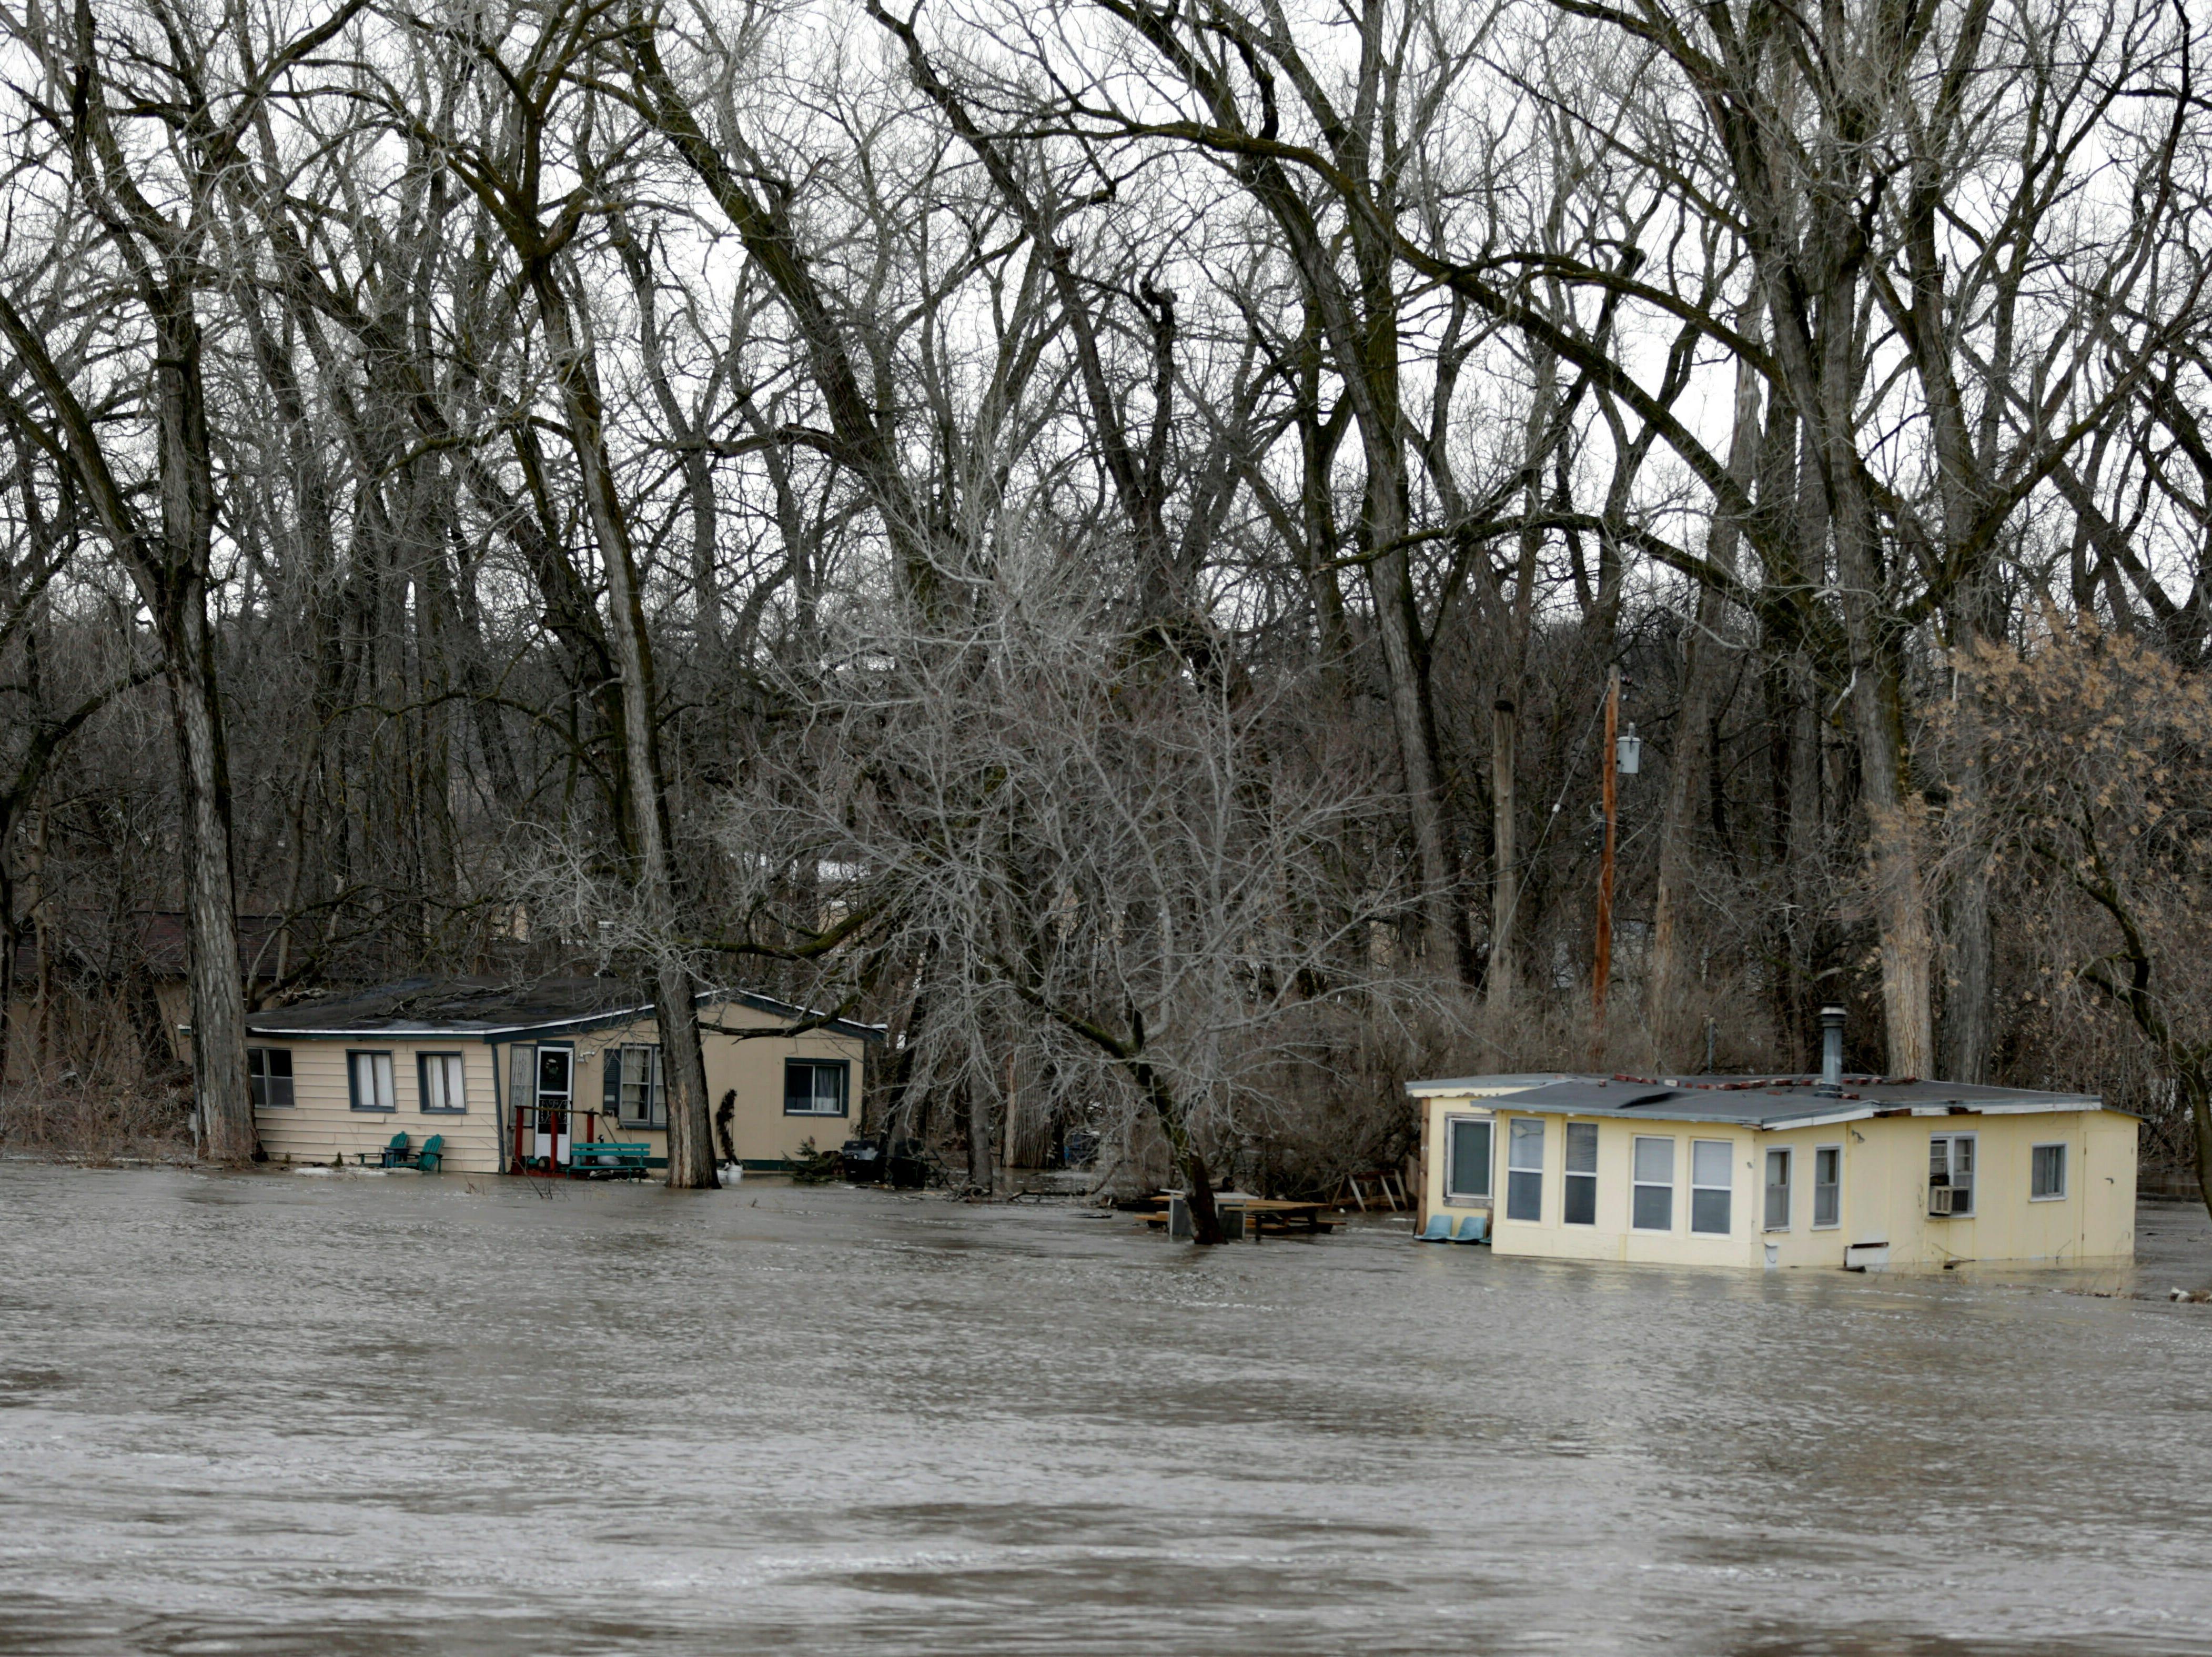 Las crecientes aguas del río Elkhorn al sur de Arlington, Nebraska, el jueves 14 de marzo de 2019, inundan las cabinas. Se han producido evacuaciones forzadas por inundaciones en varias comunidades del este de Nebraska.